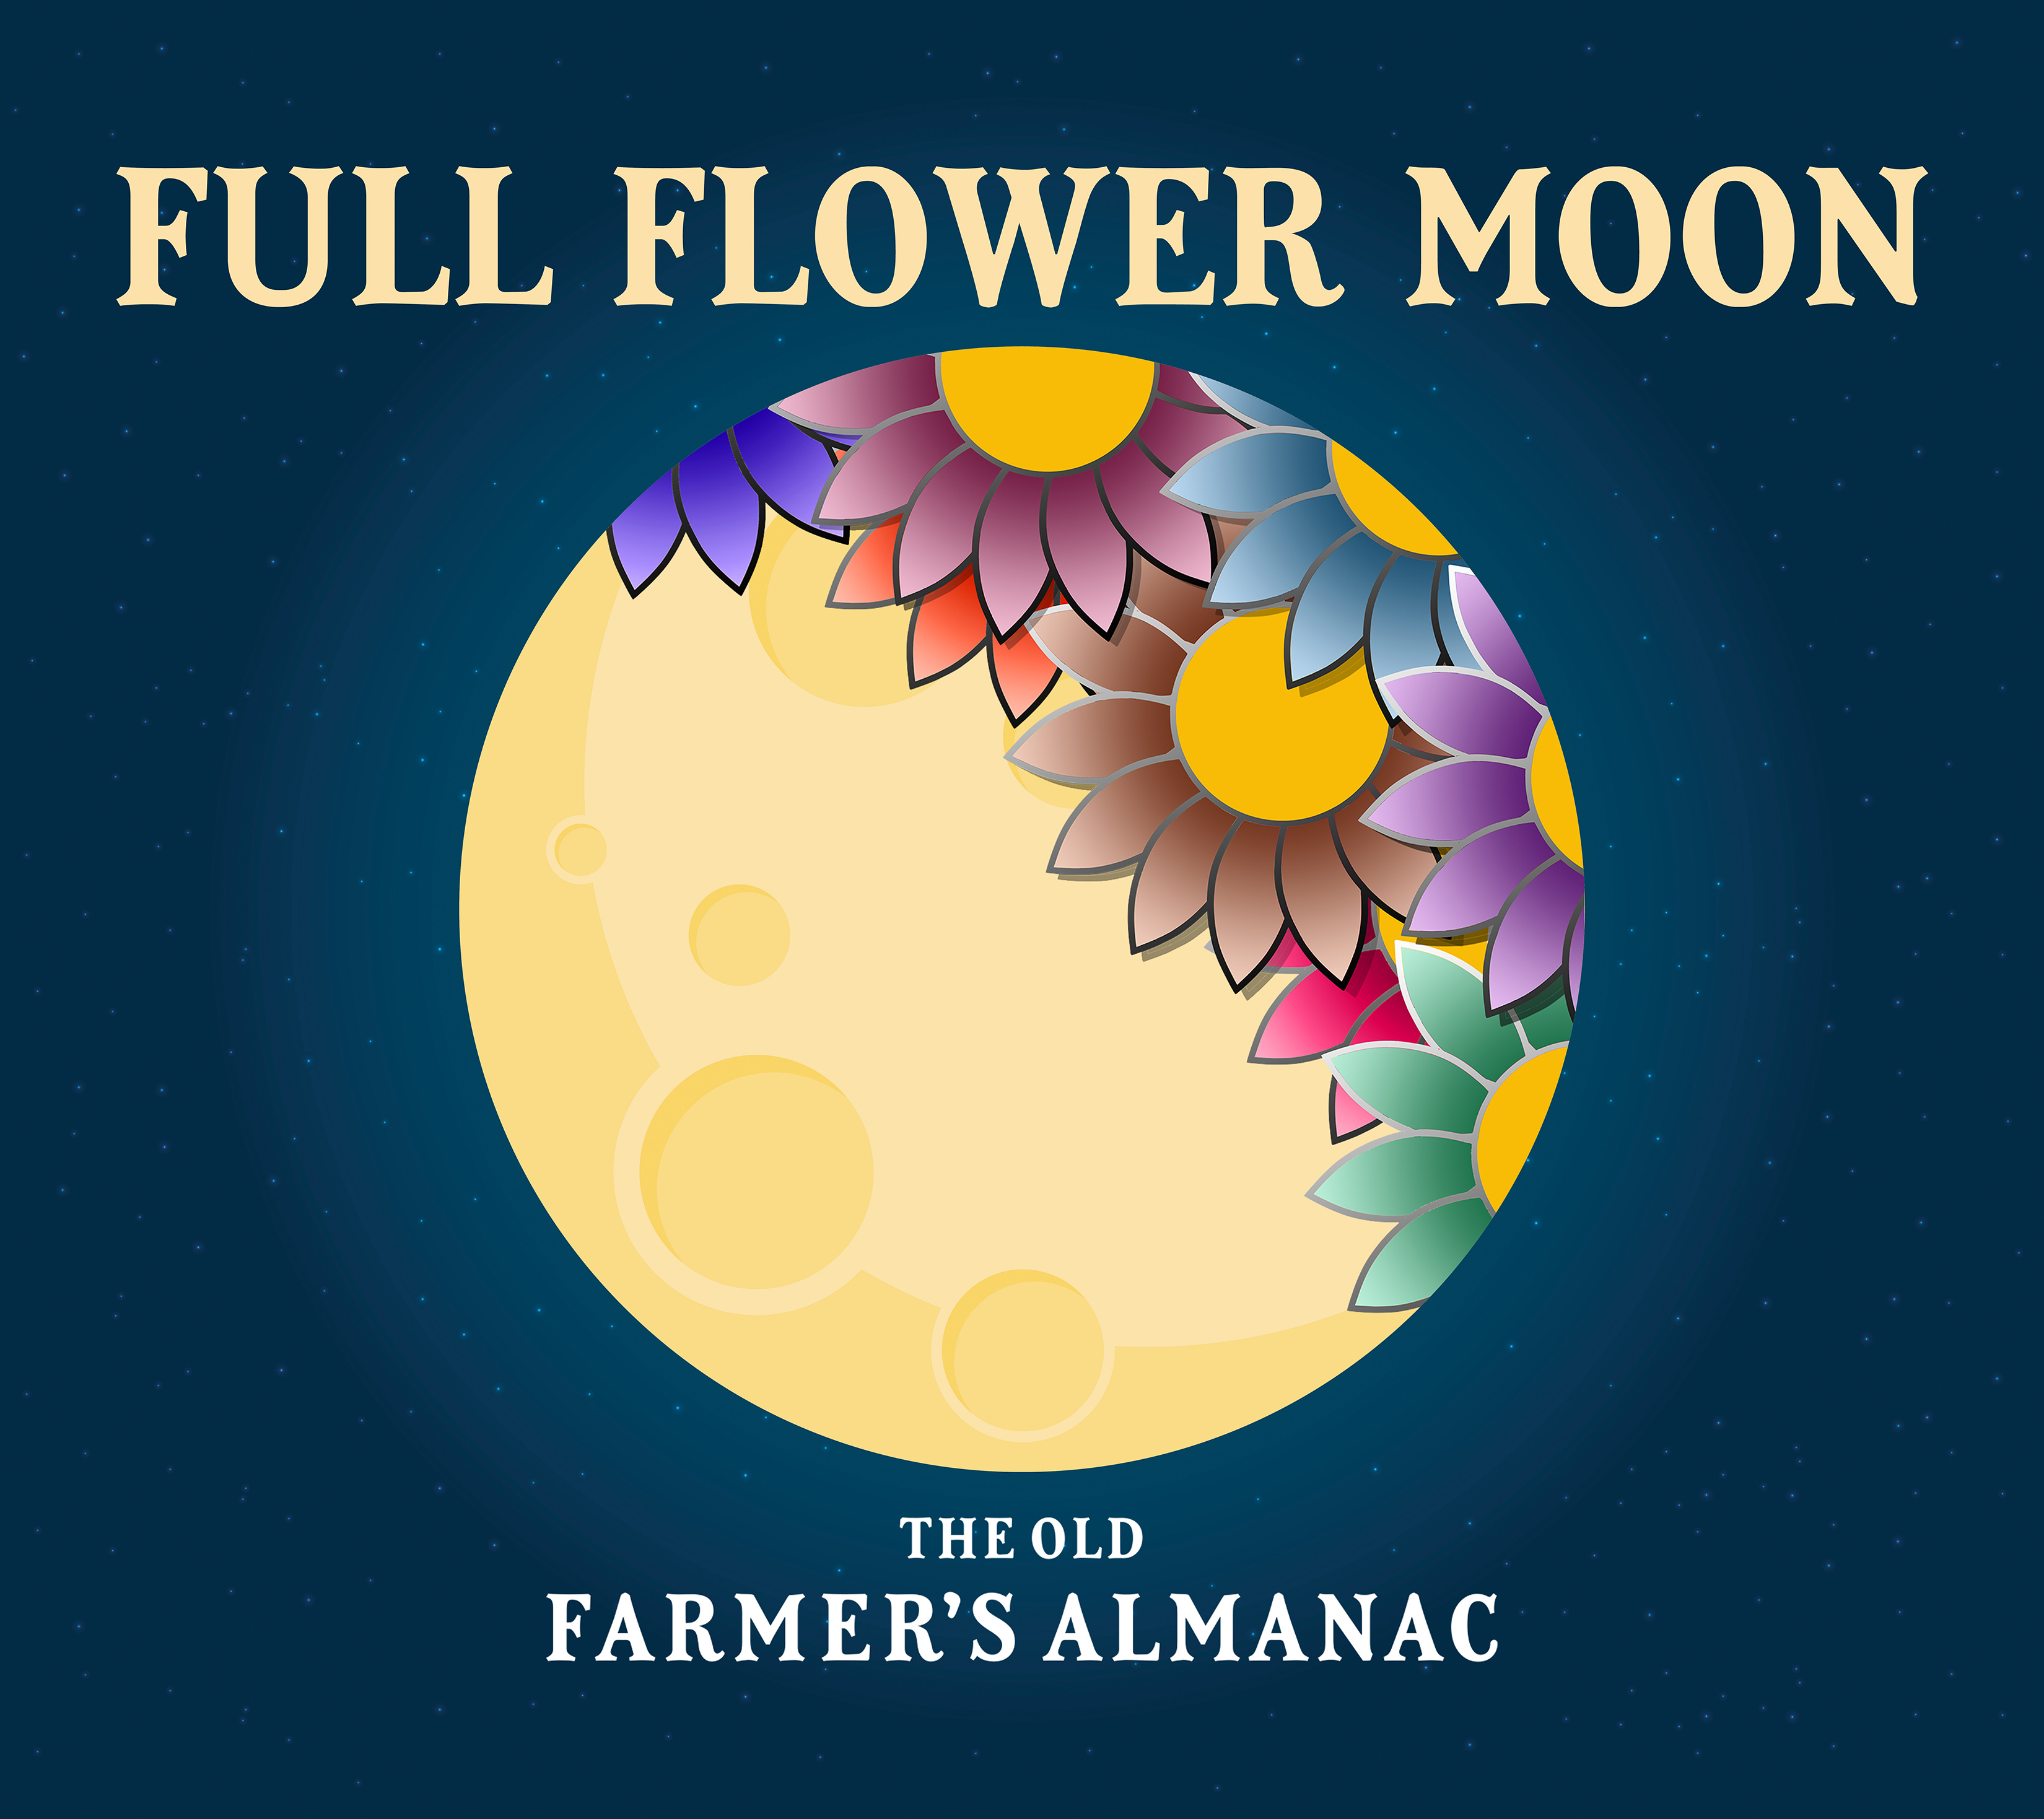 Full Moon For May 2020: The Full Flower Moon (And Blue Moon regarding Om Journal Lunar Calendar